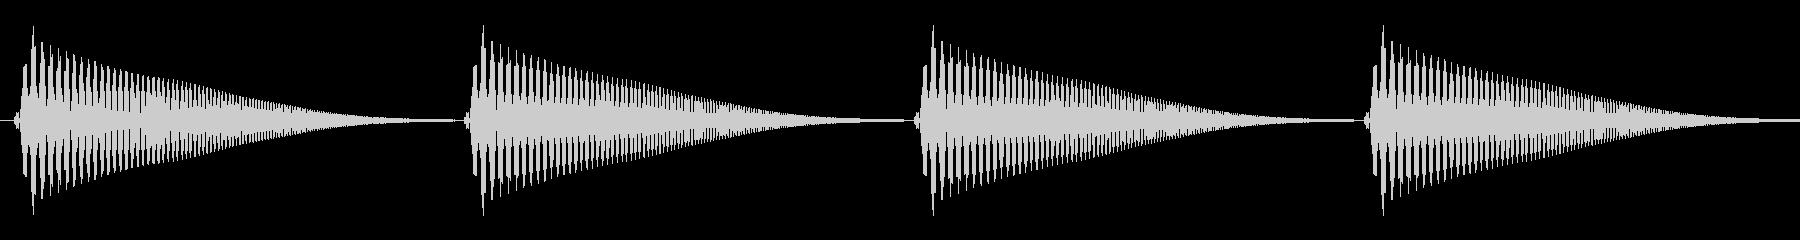 雲(もくもく/移動/コミカル)の未再生の波形